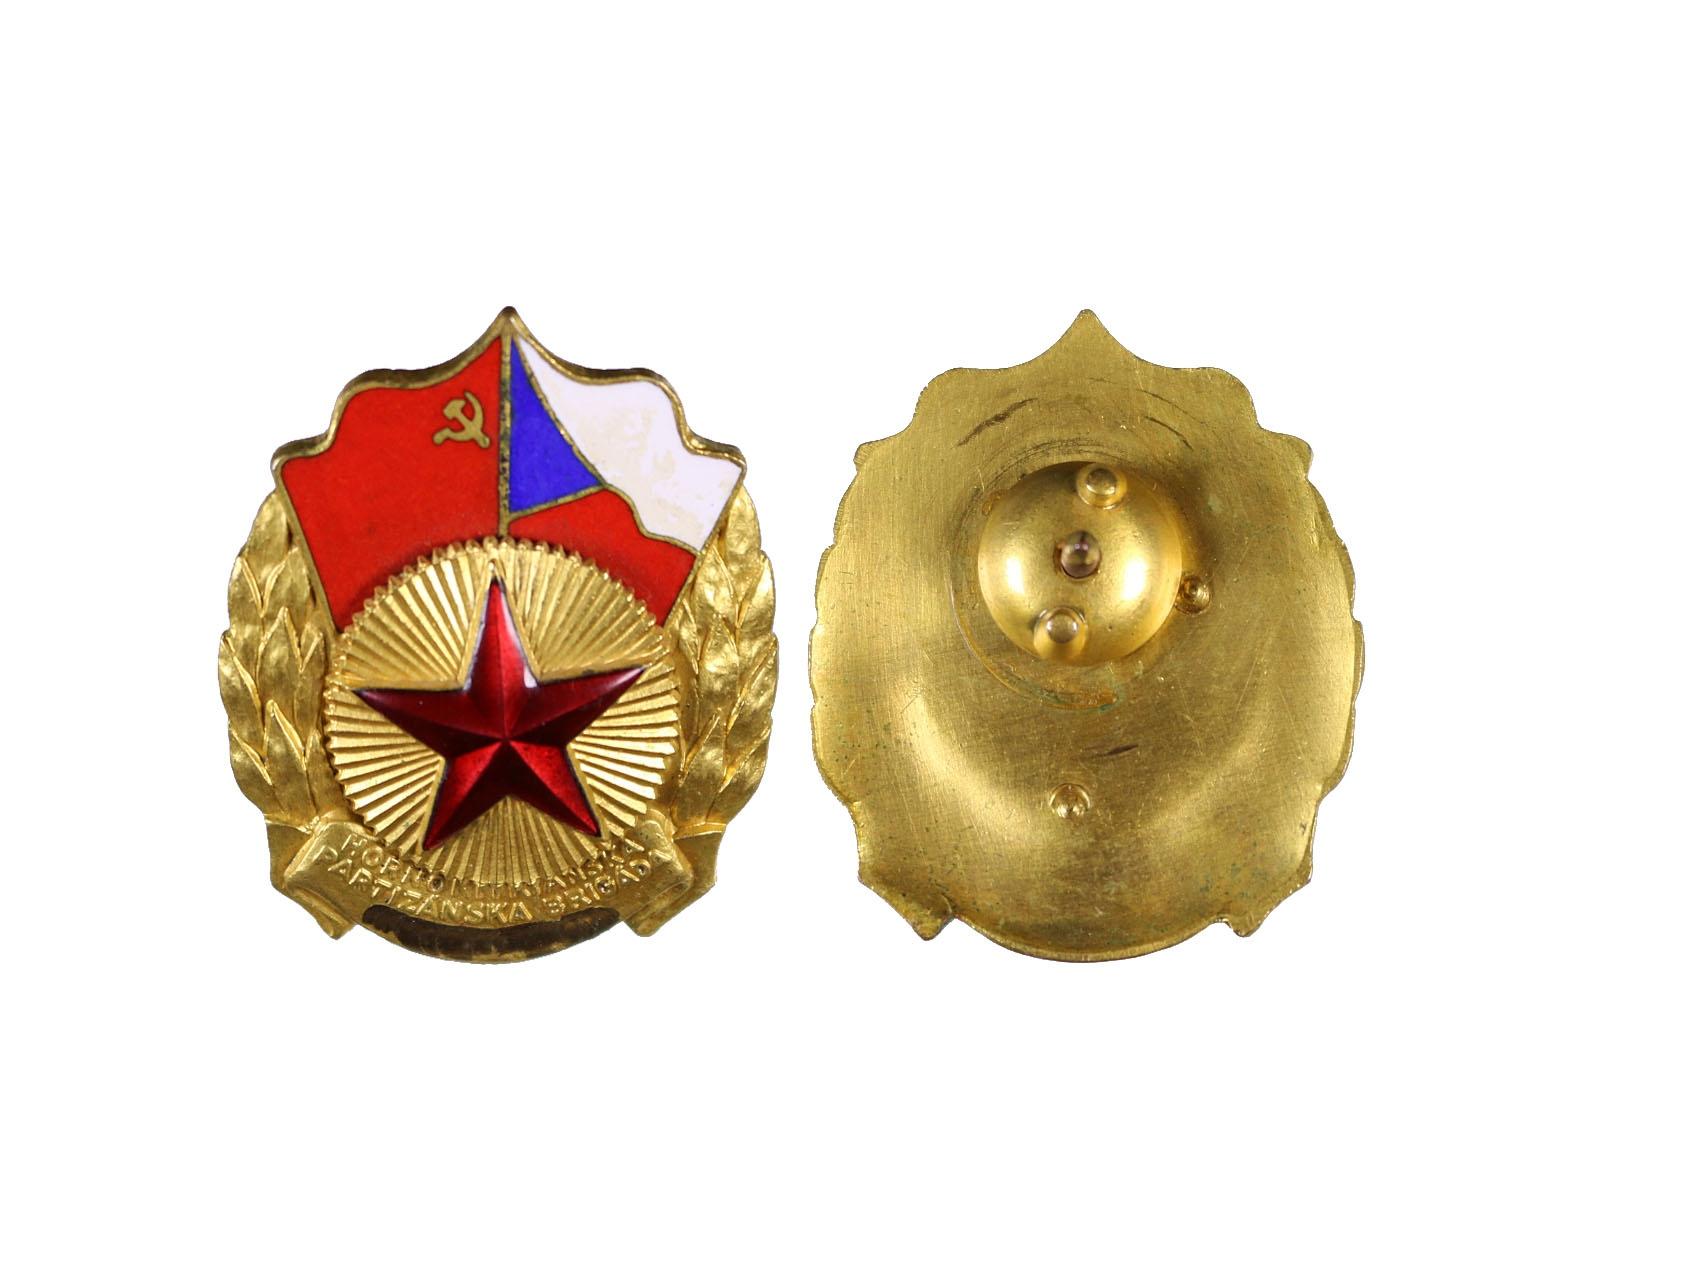 Odznak Hornonitranské partyzánské brigády kpt. Trojana s vybroušeným jnénem, uchycení na šroub, VM 126a